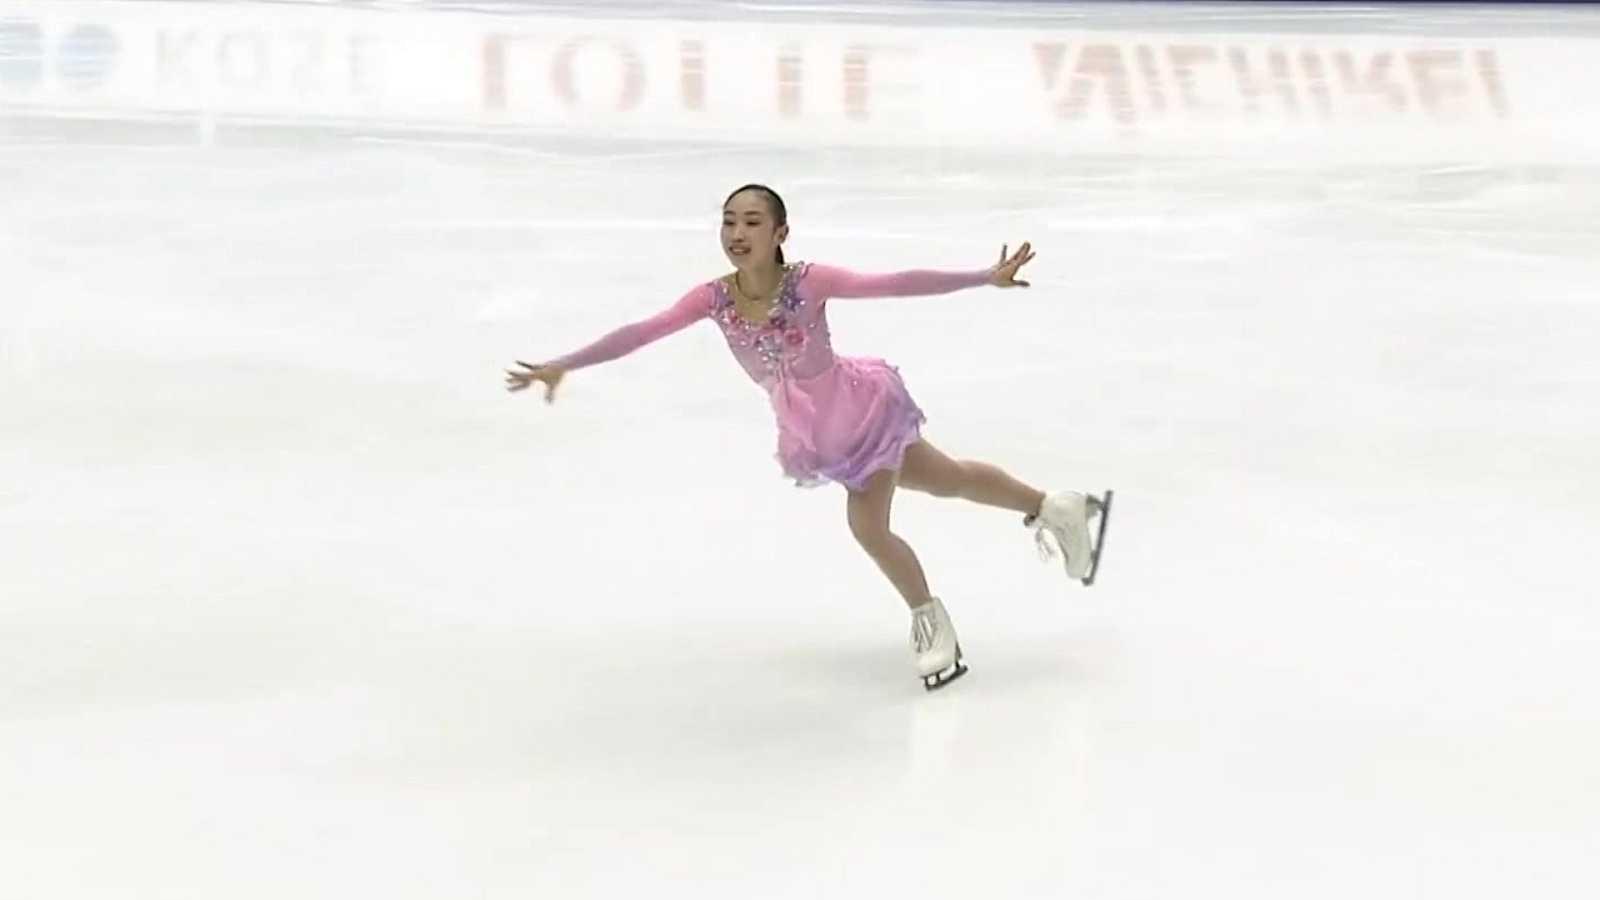 Patinaje artístico - NHK Trophy, Programa corto femenino desde Osaka - ver ahora